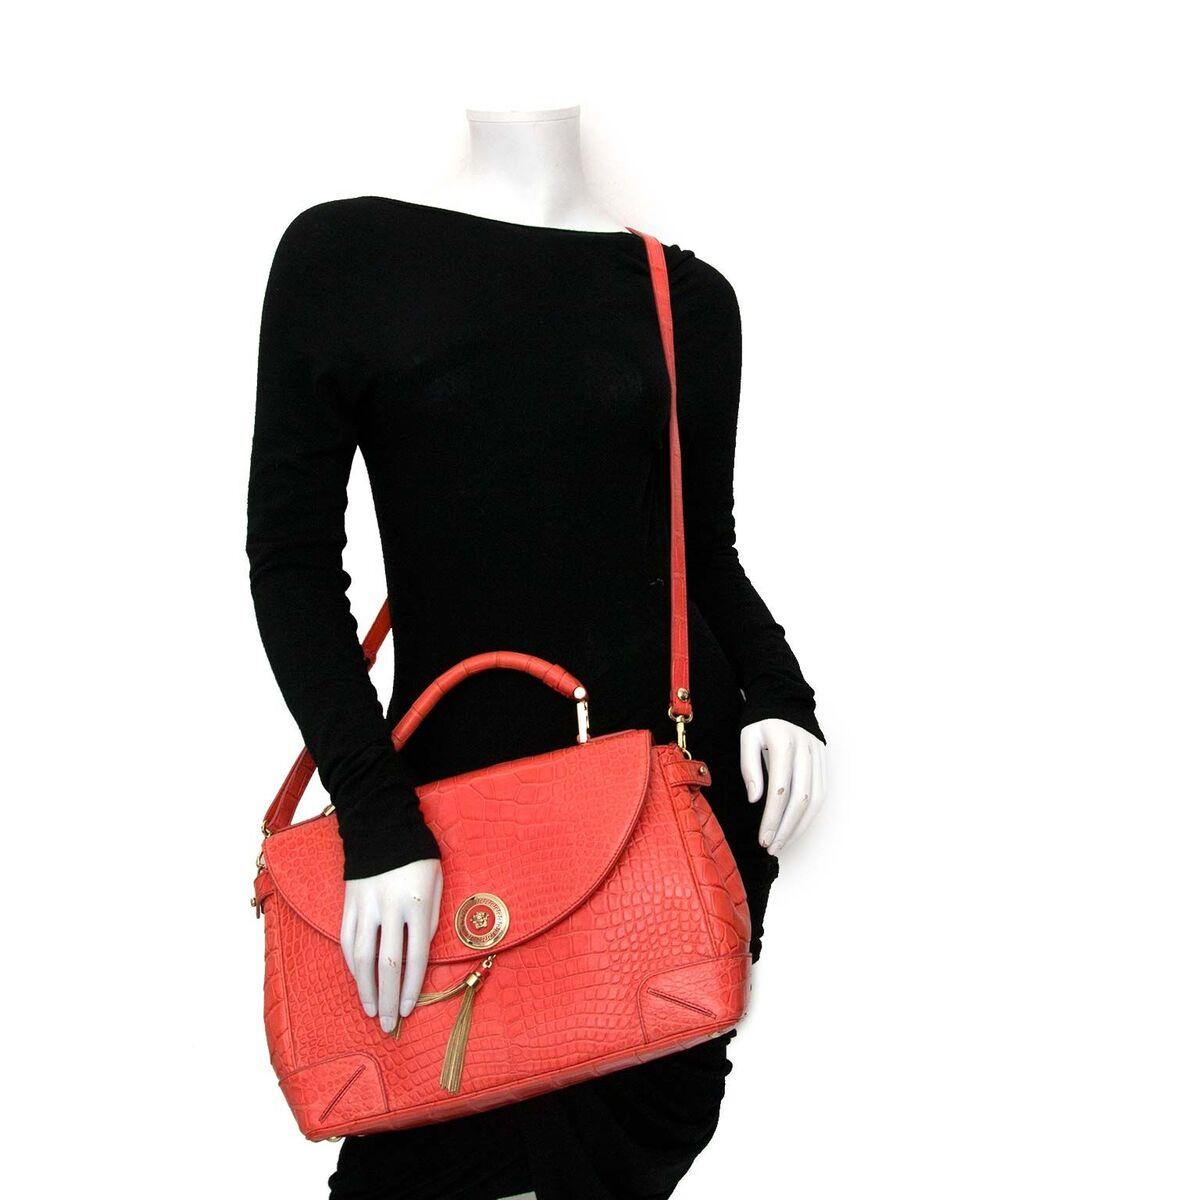 Koop authentieke tweedehands Versace Orange Croco Flap Bag aan een eerlijke prijs bij LabelLOV. Veilig online shoppen.